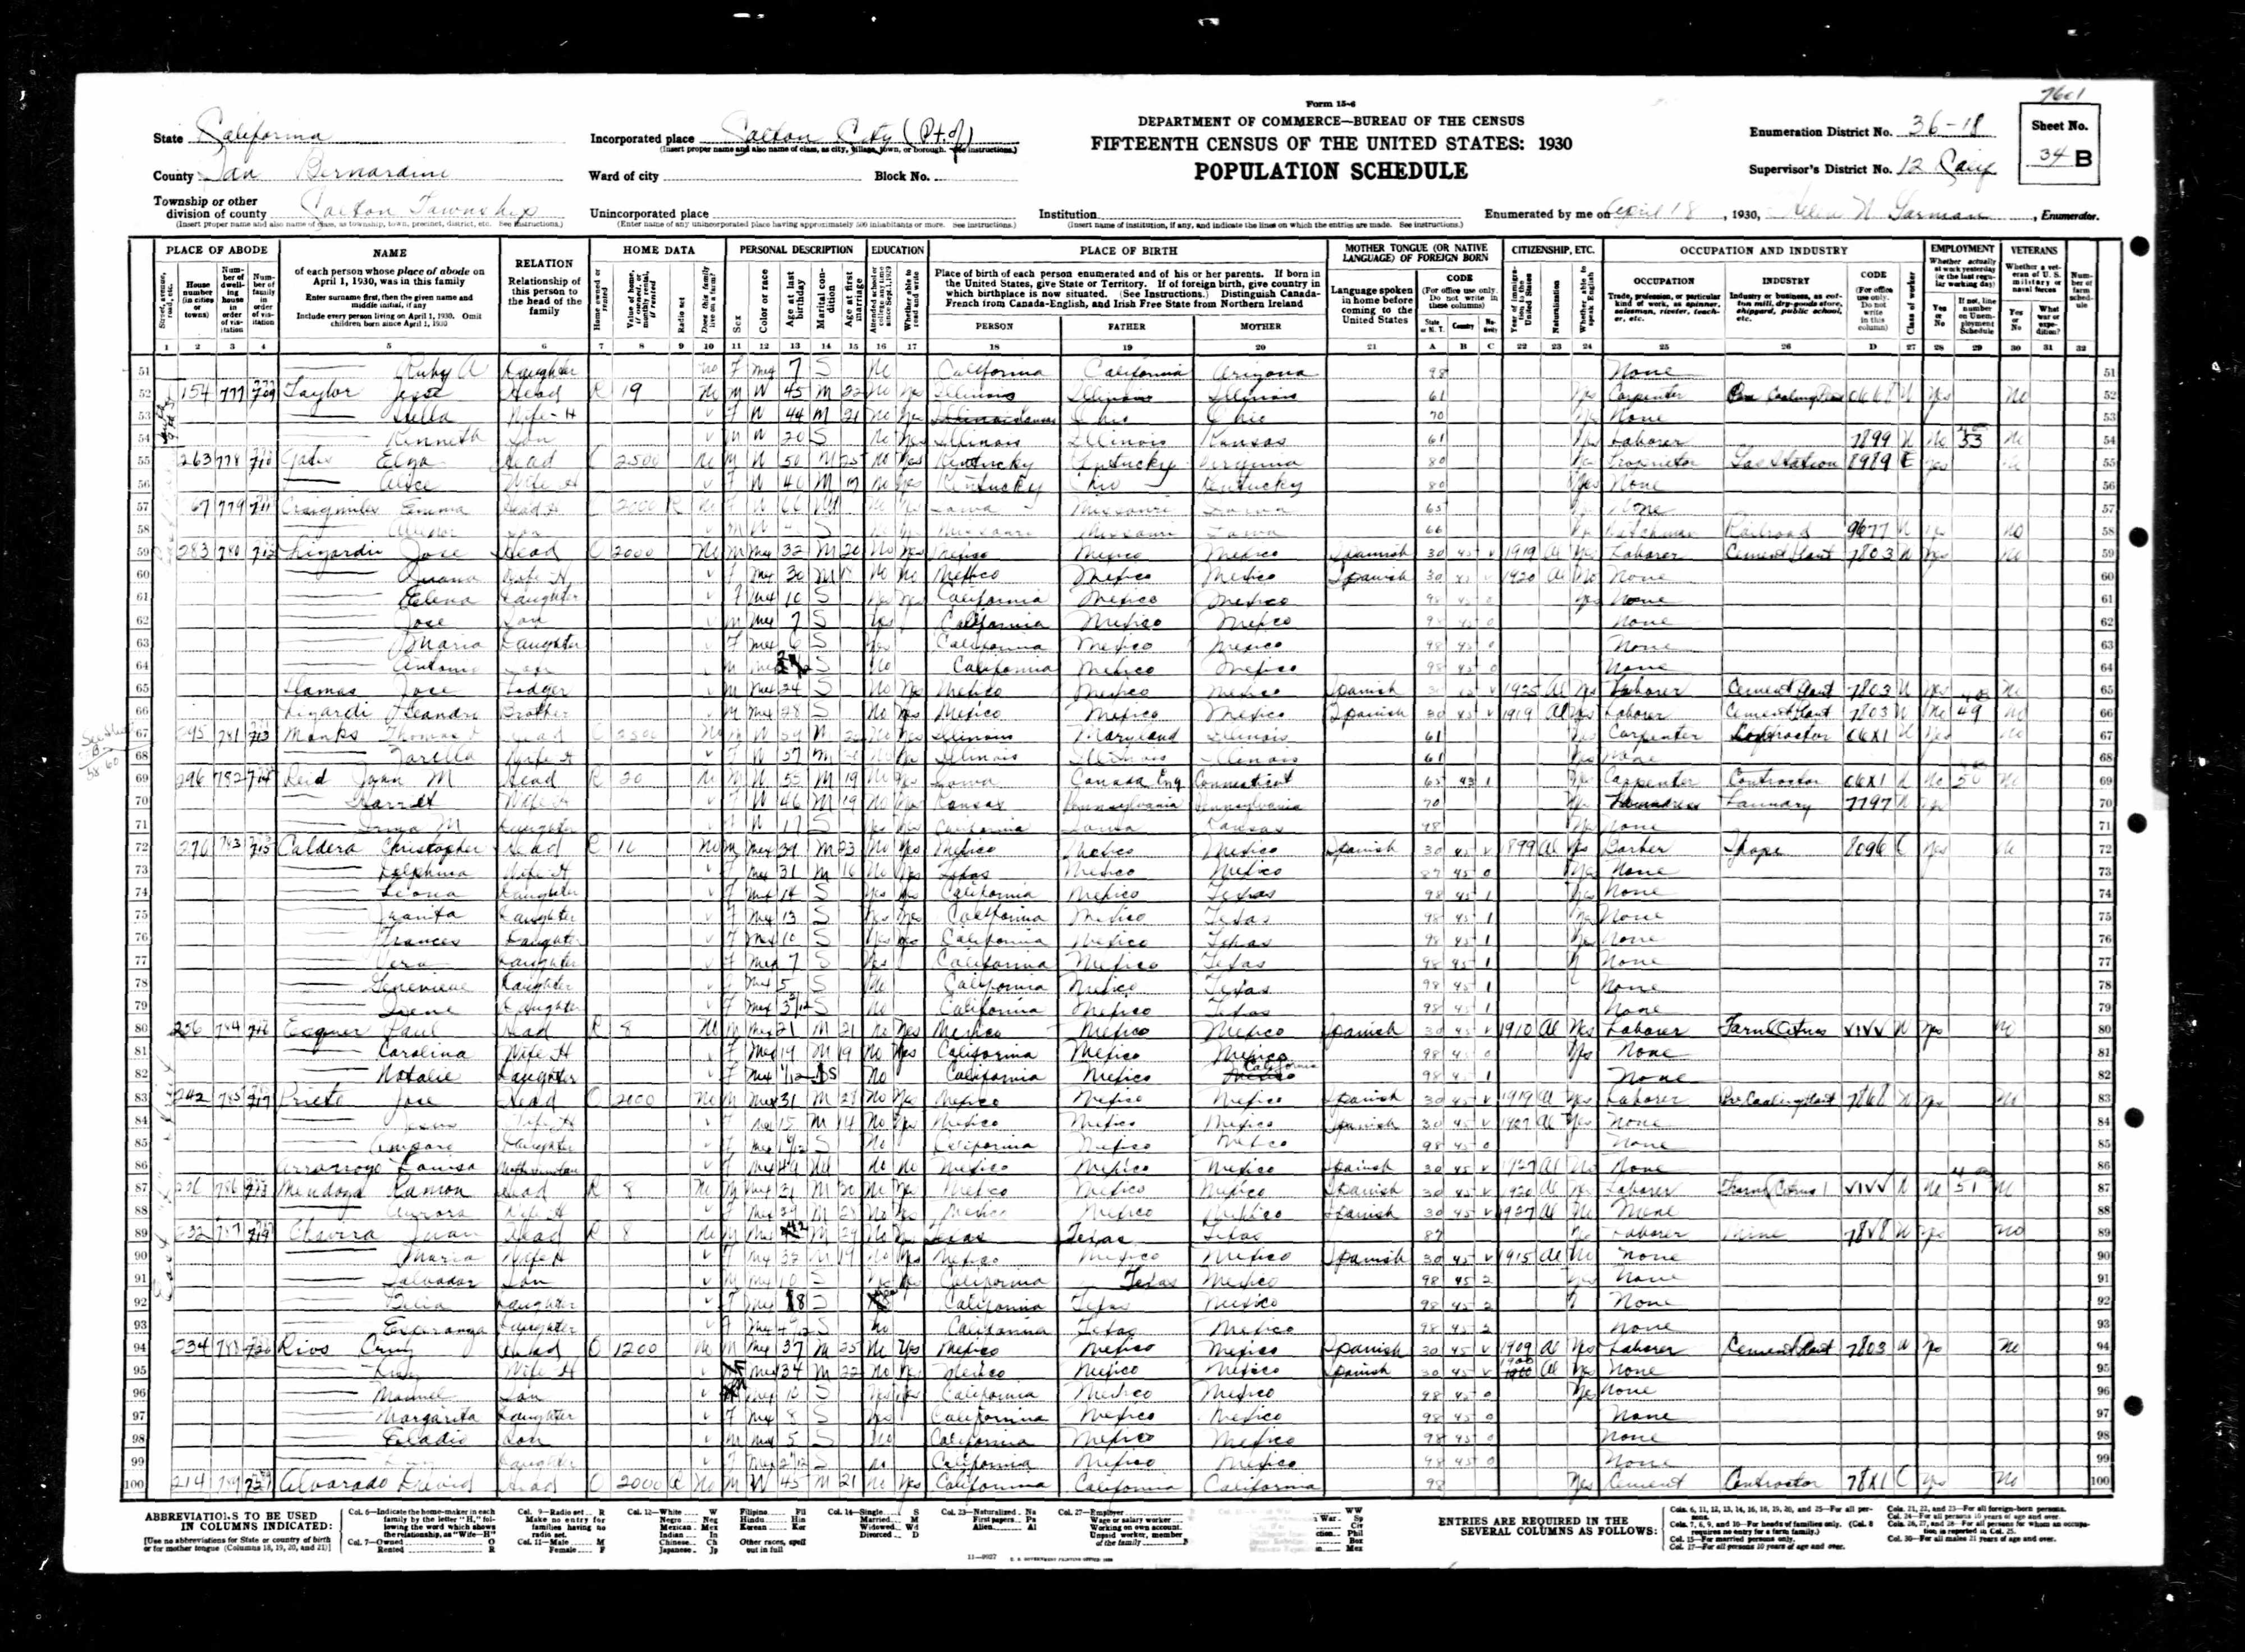 Cruz Rios Census 1930